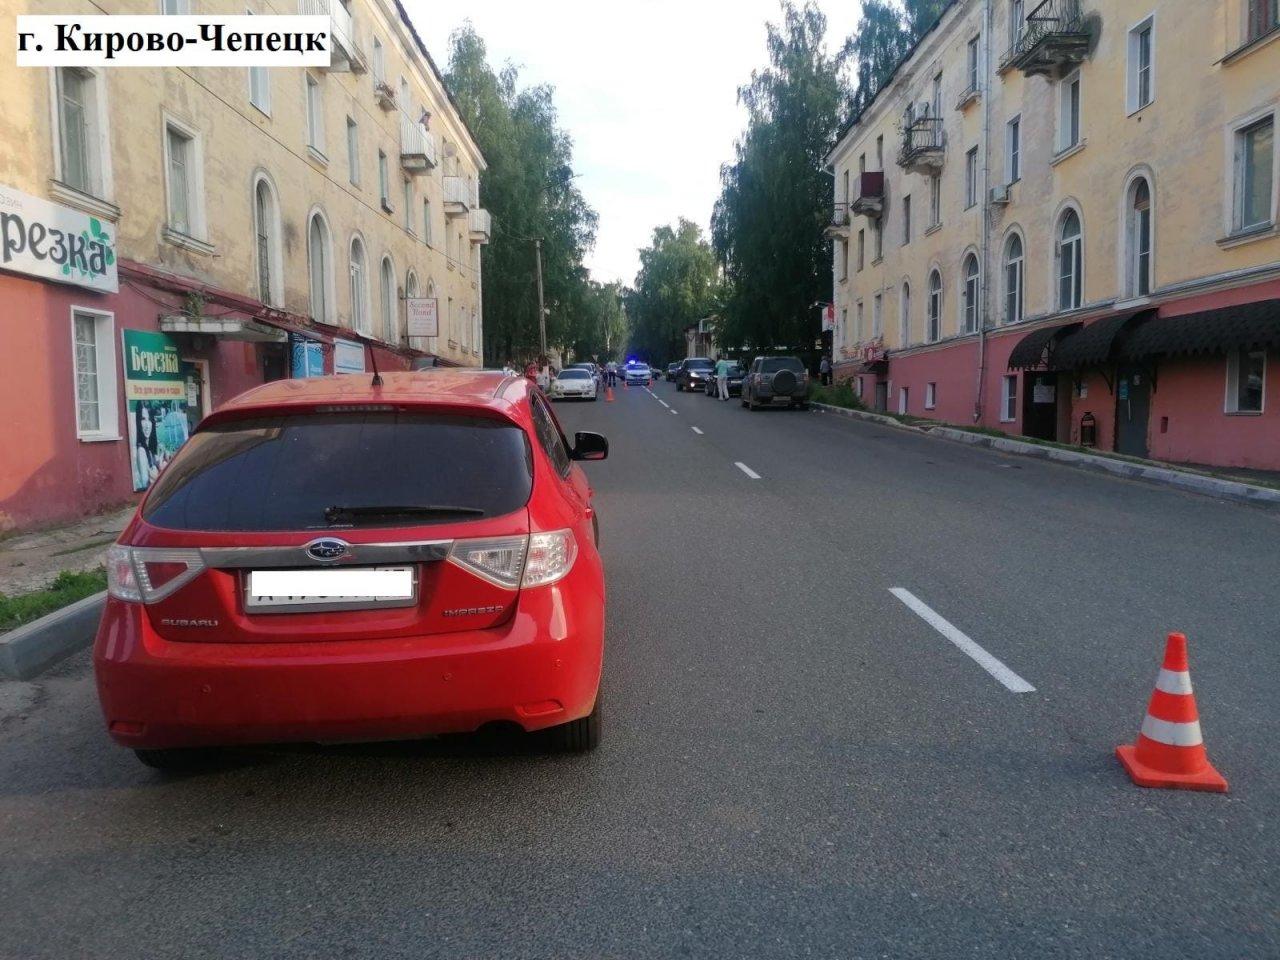 В Кирово-Чепецке водитель иномарки сбил 8-летнего мальчика